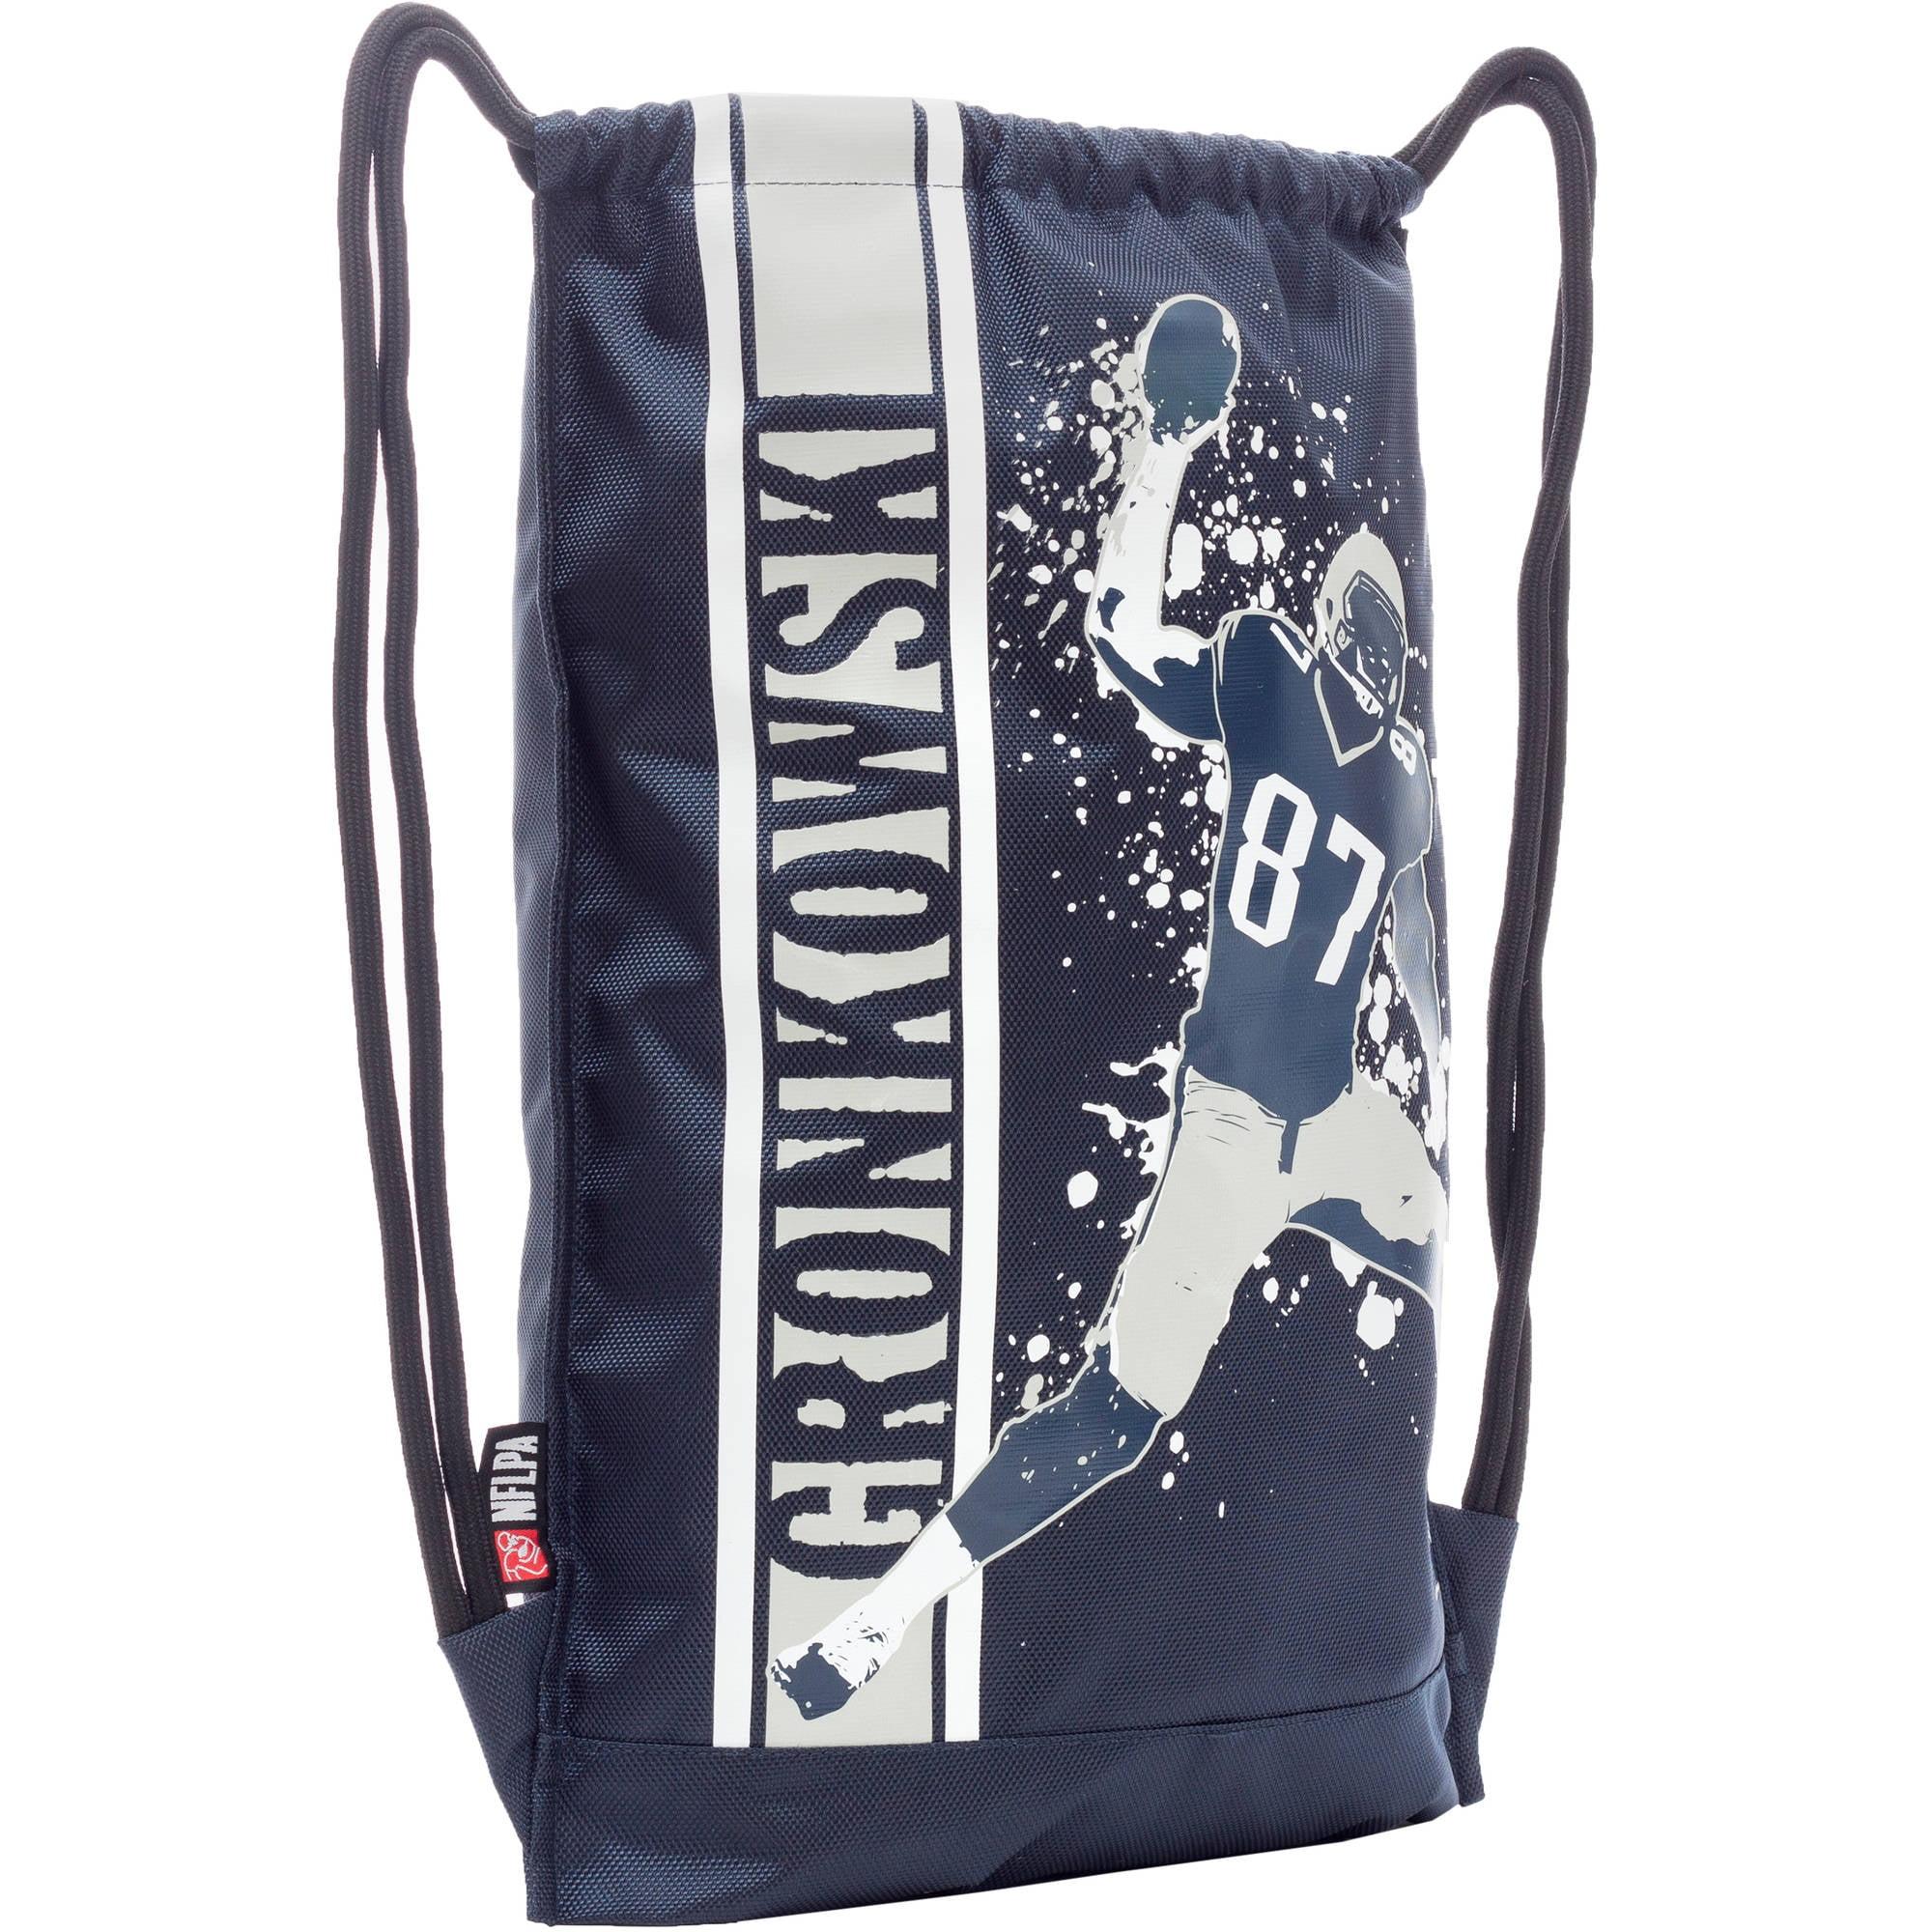 NFLPA Gronkowski #87 Sling Bag - Walmart.com